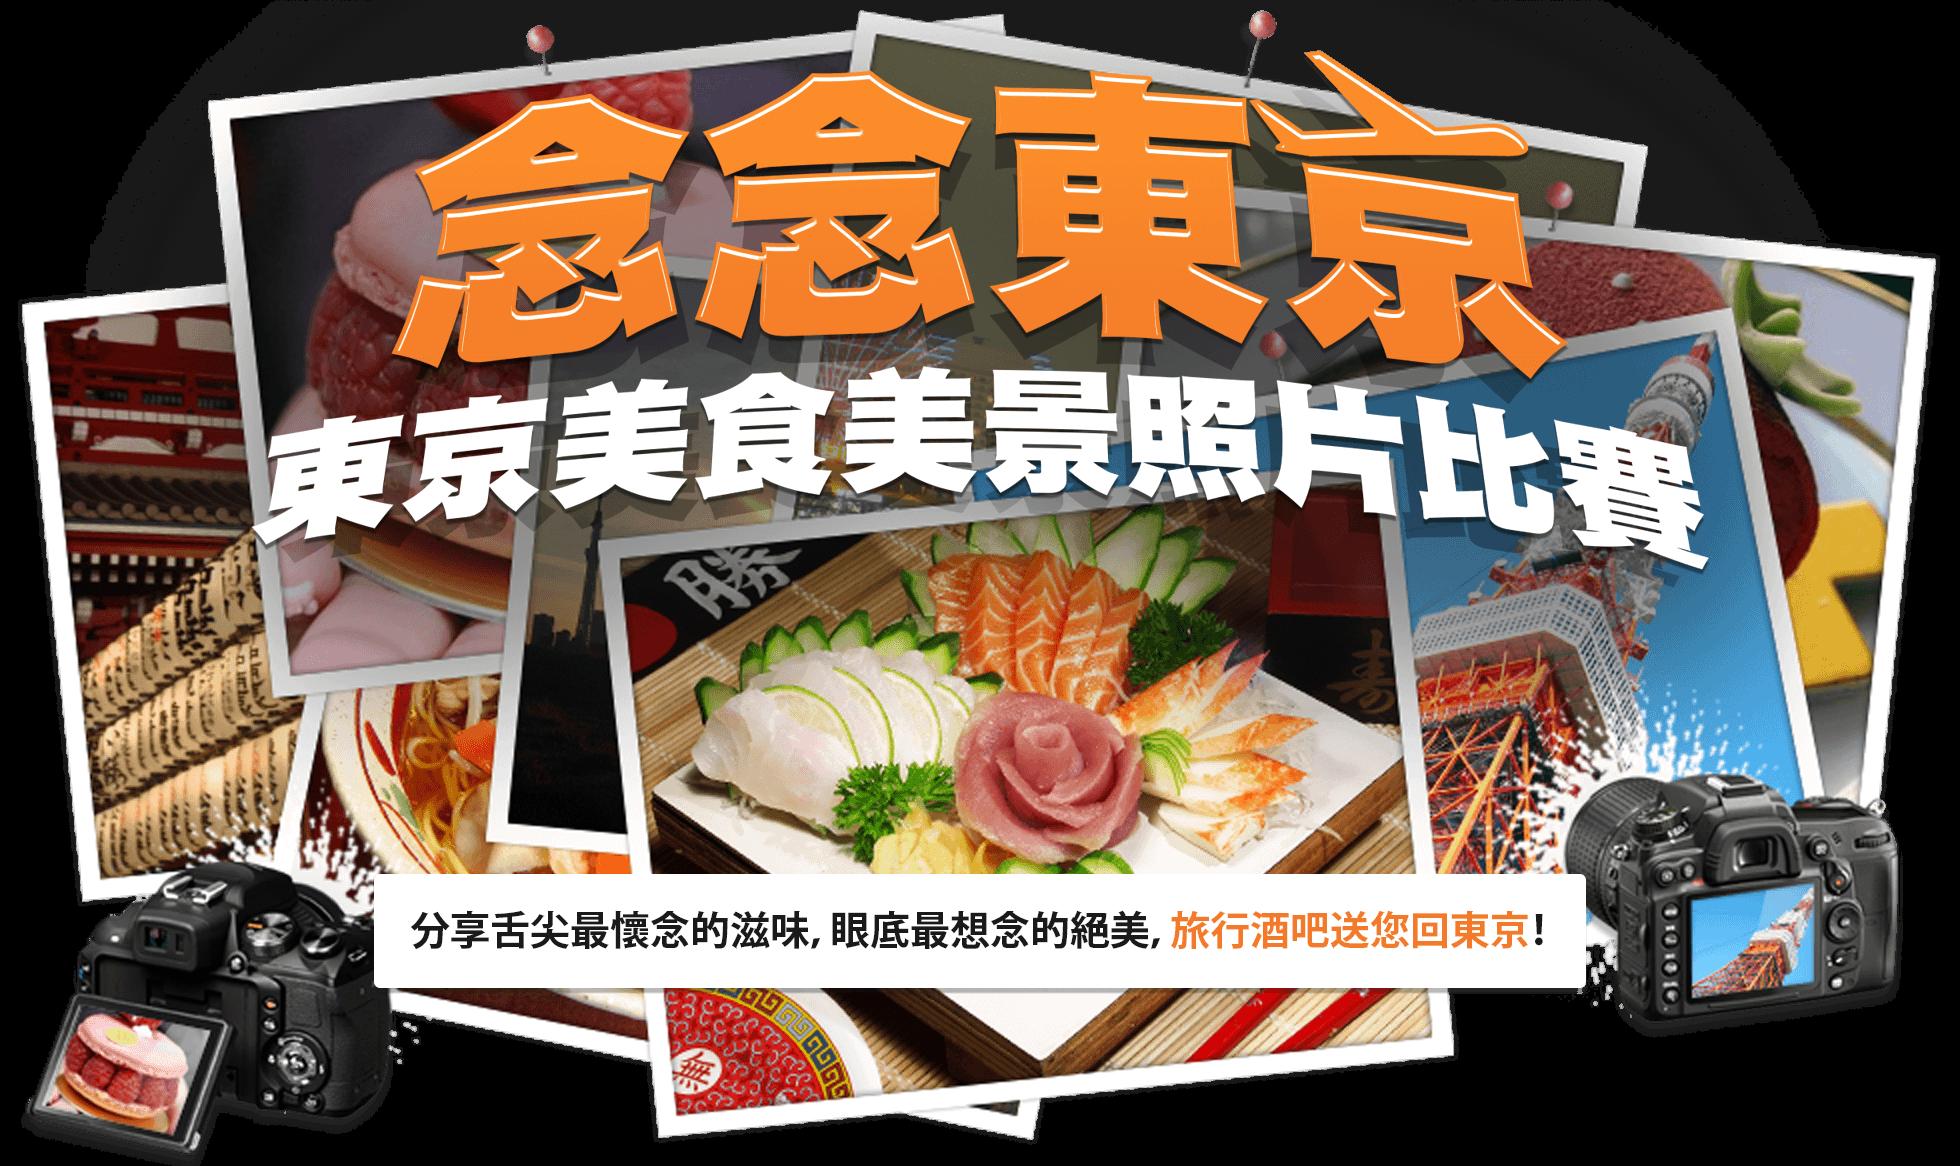 念念東京──東京美食美景照片比賽 - 旅行酒吧